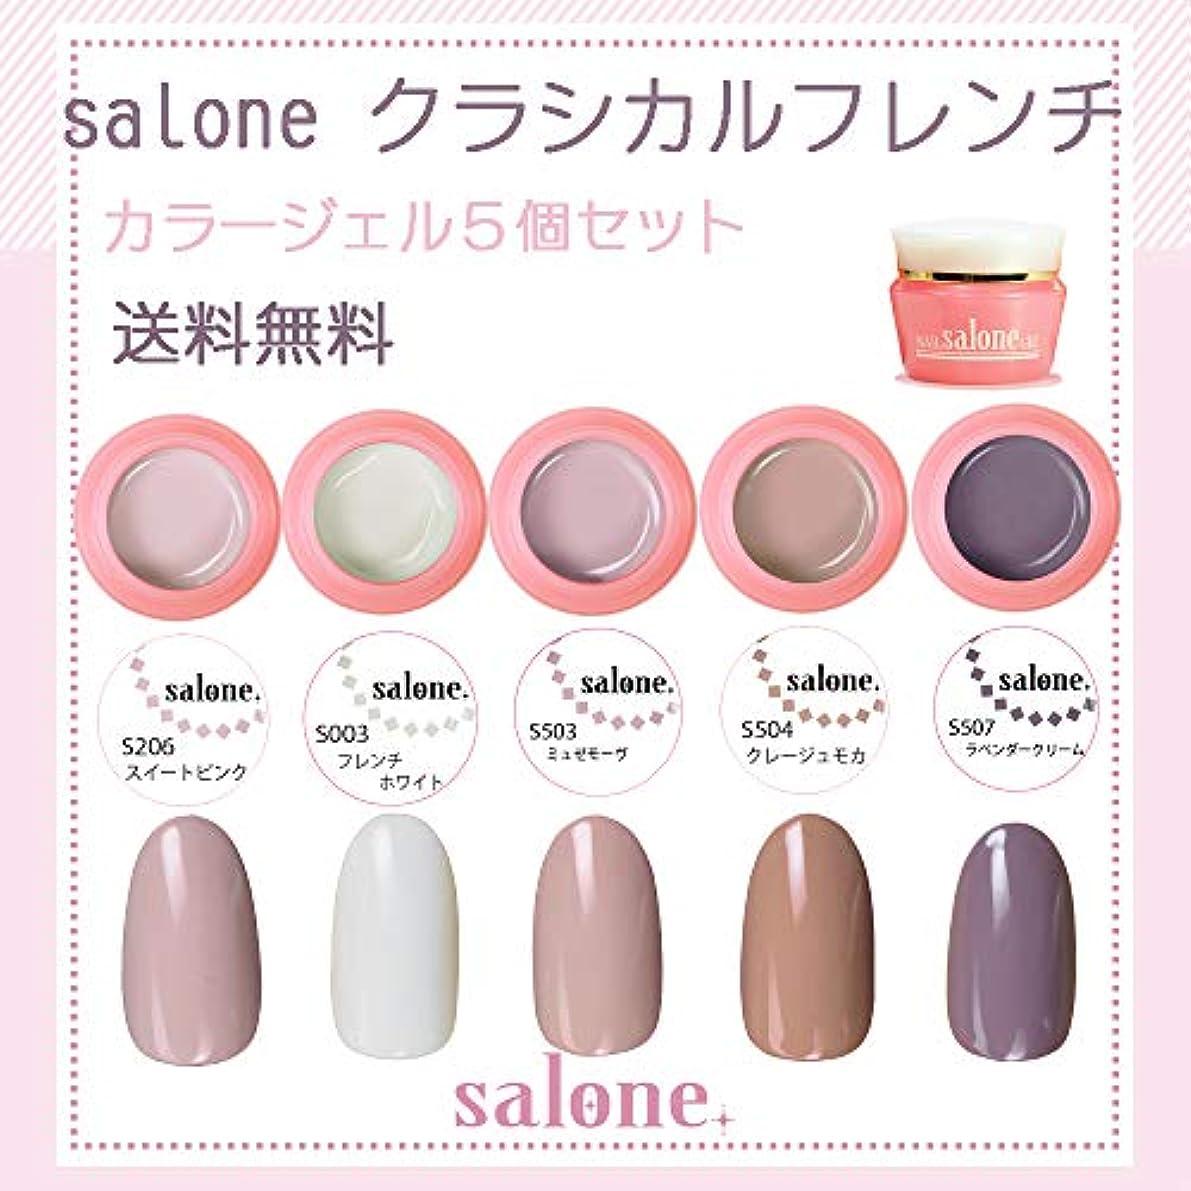 洗剤急性分注する【送料無料 日本製】Salone クラシカルフレンチ カラージェル5個セット 大人っぽくクラッシックで肌なじみの良いカラー